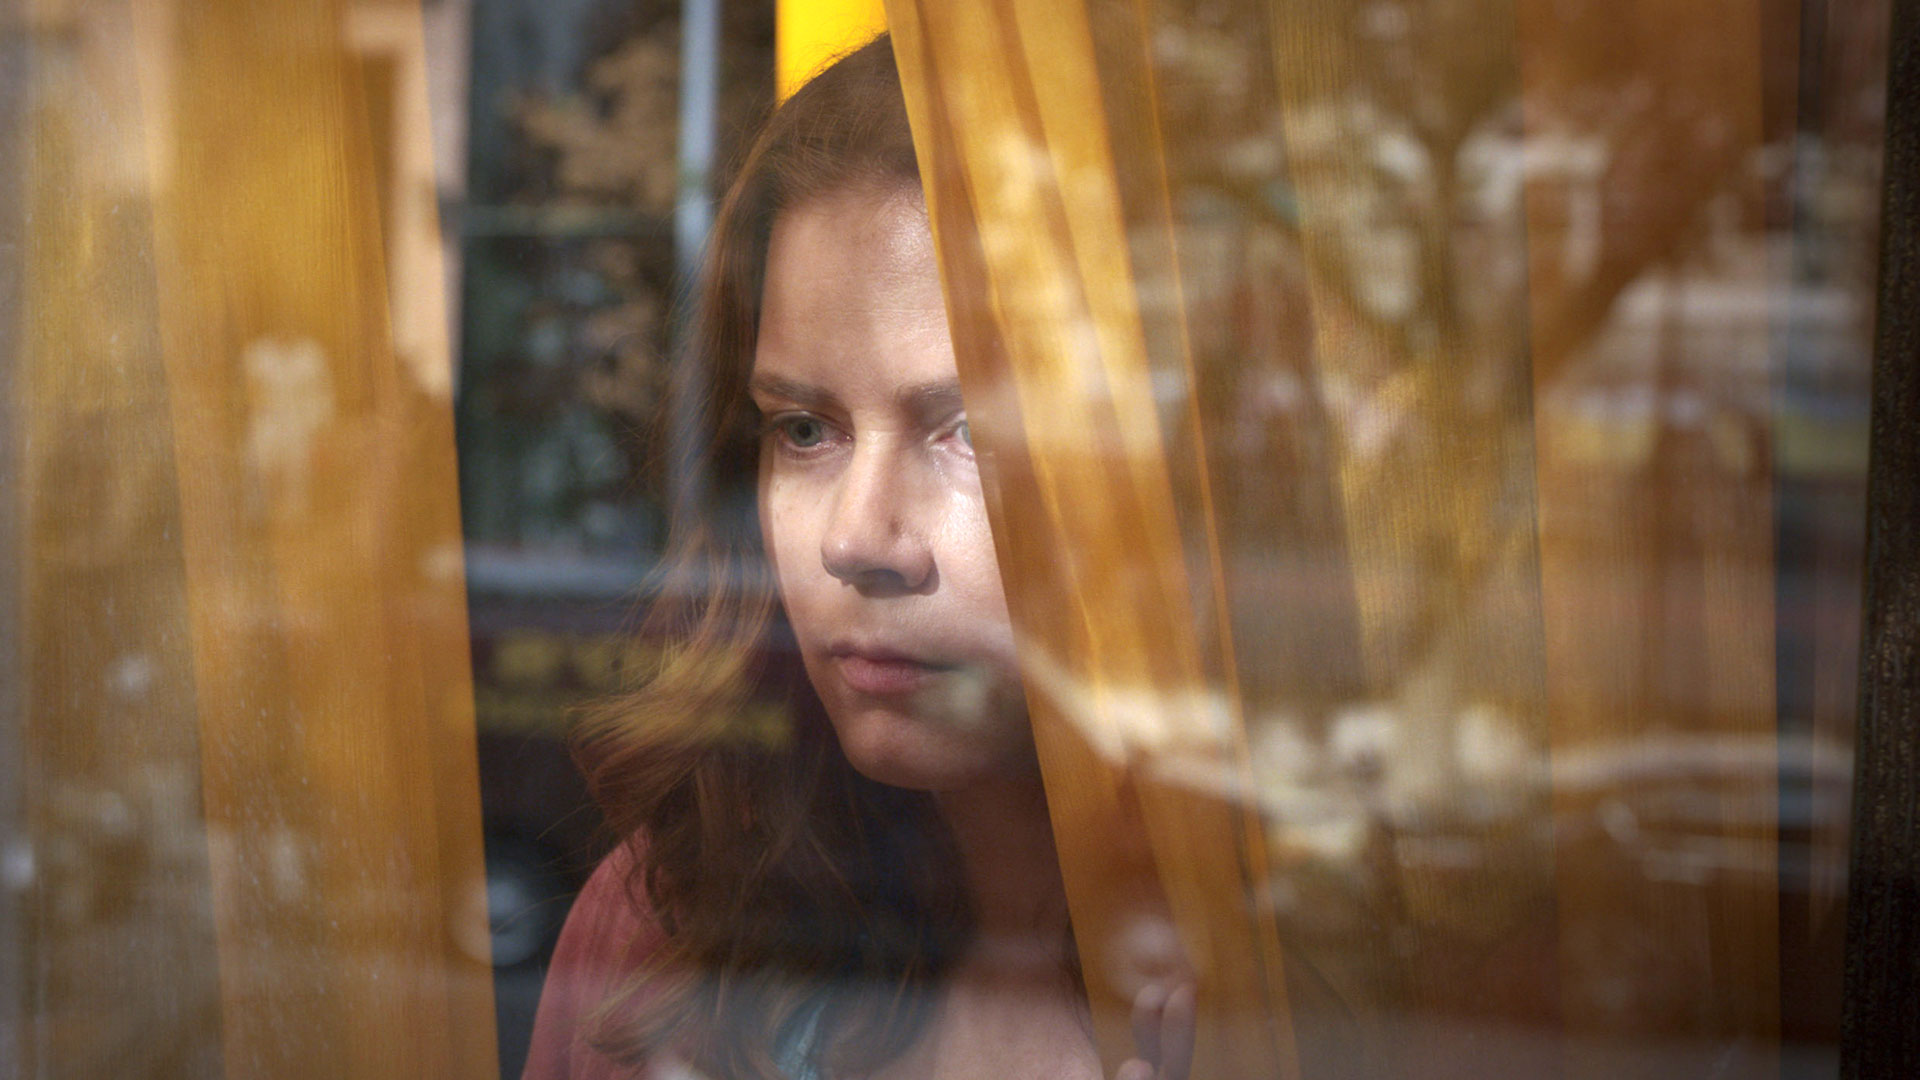 حرکت در مرز حقیقت و دروغ / «زنی پشت پنجره»؛ داستان زنی که بر ترسهایش غلبه کرد